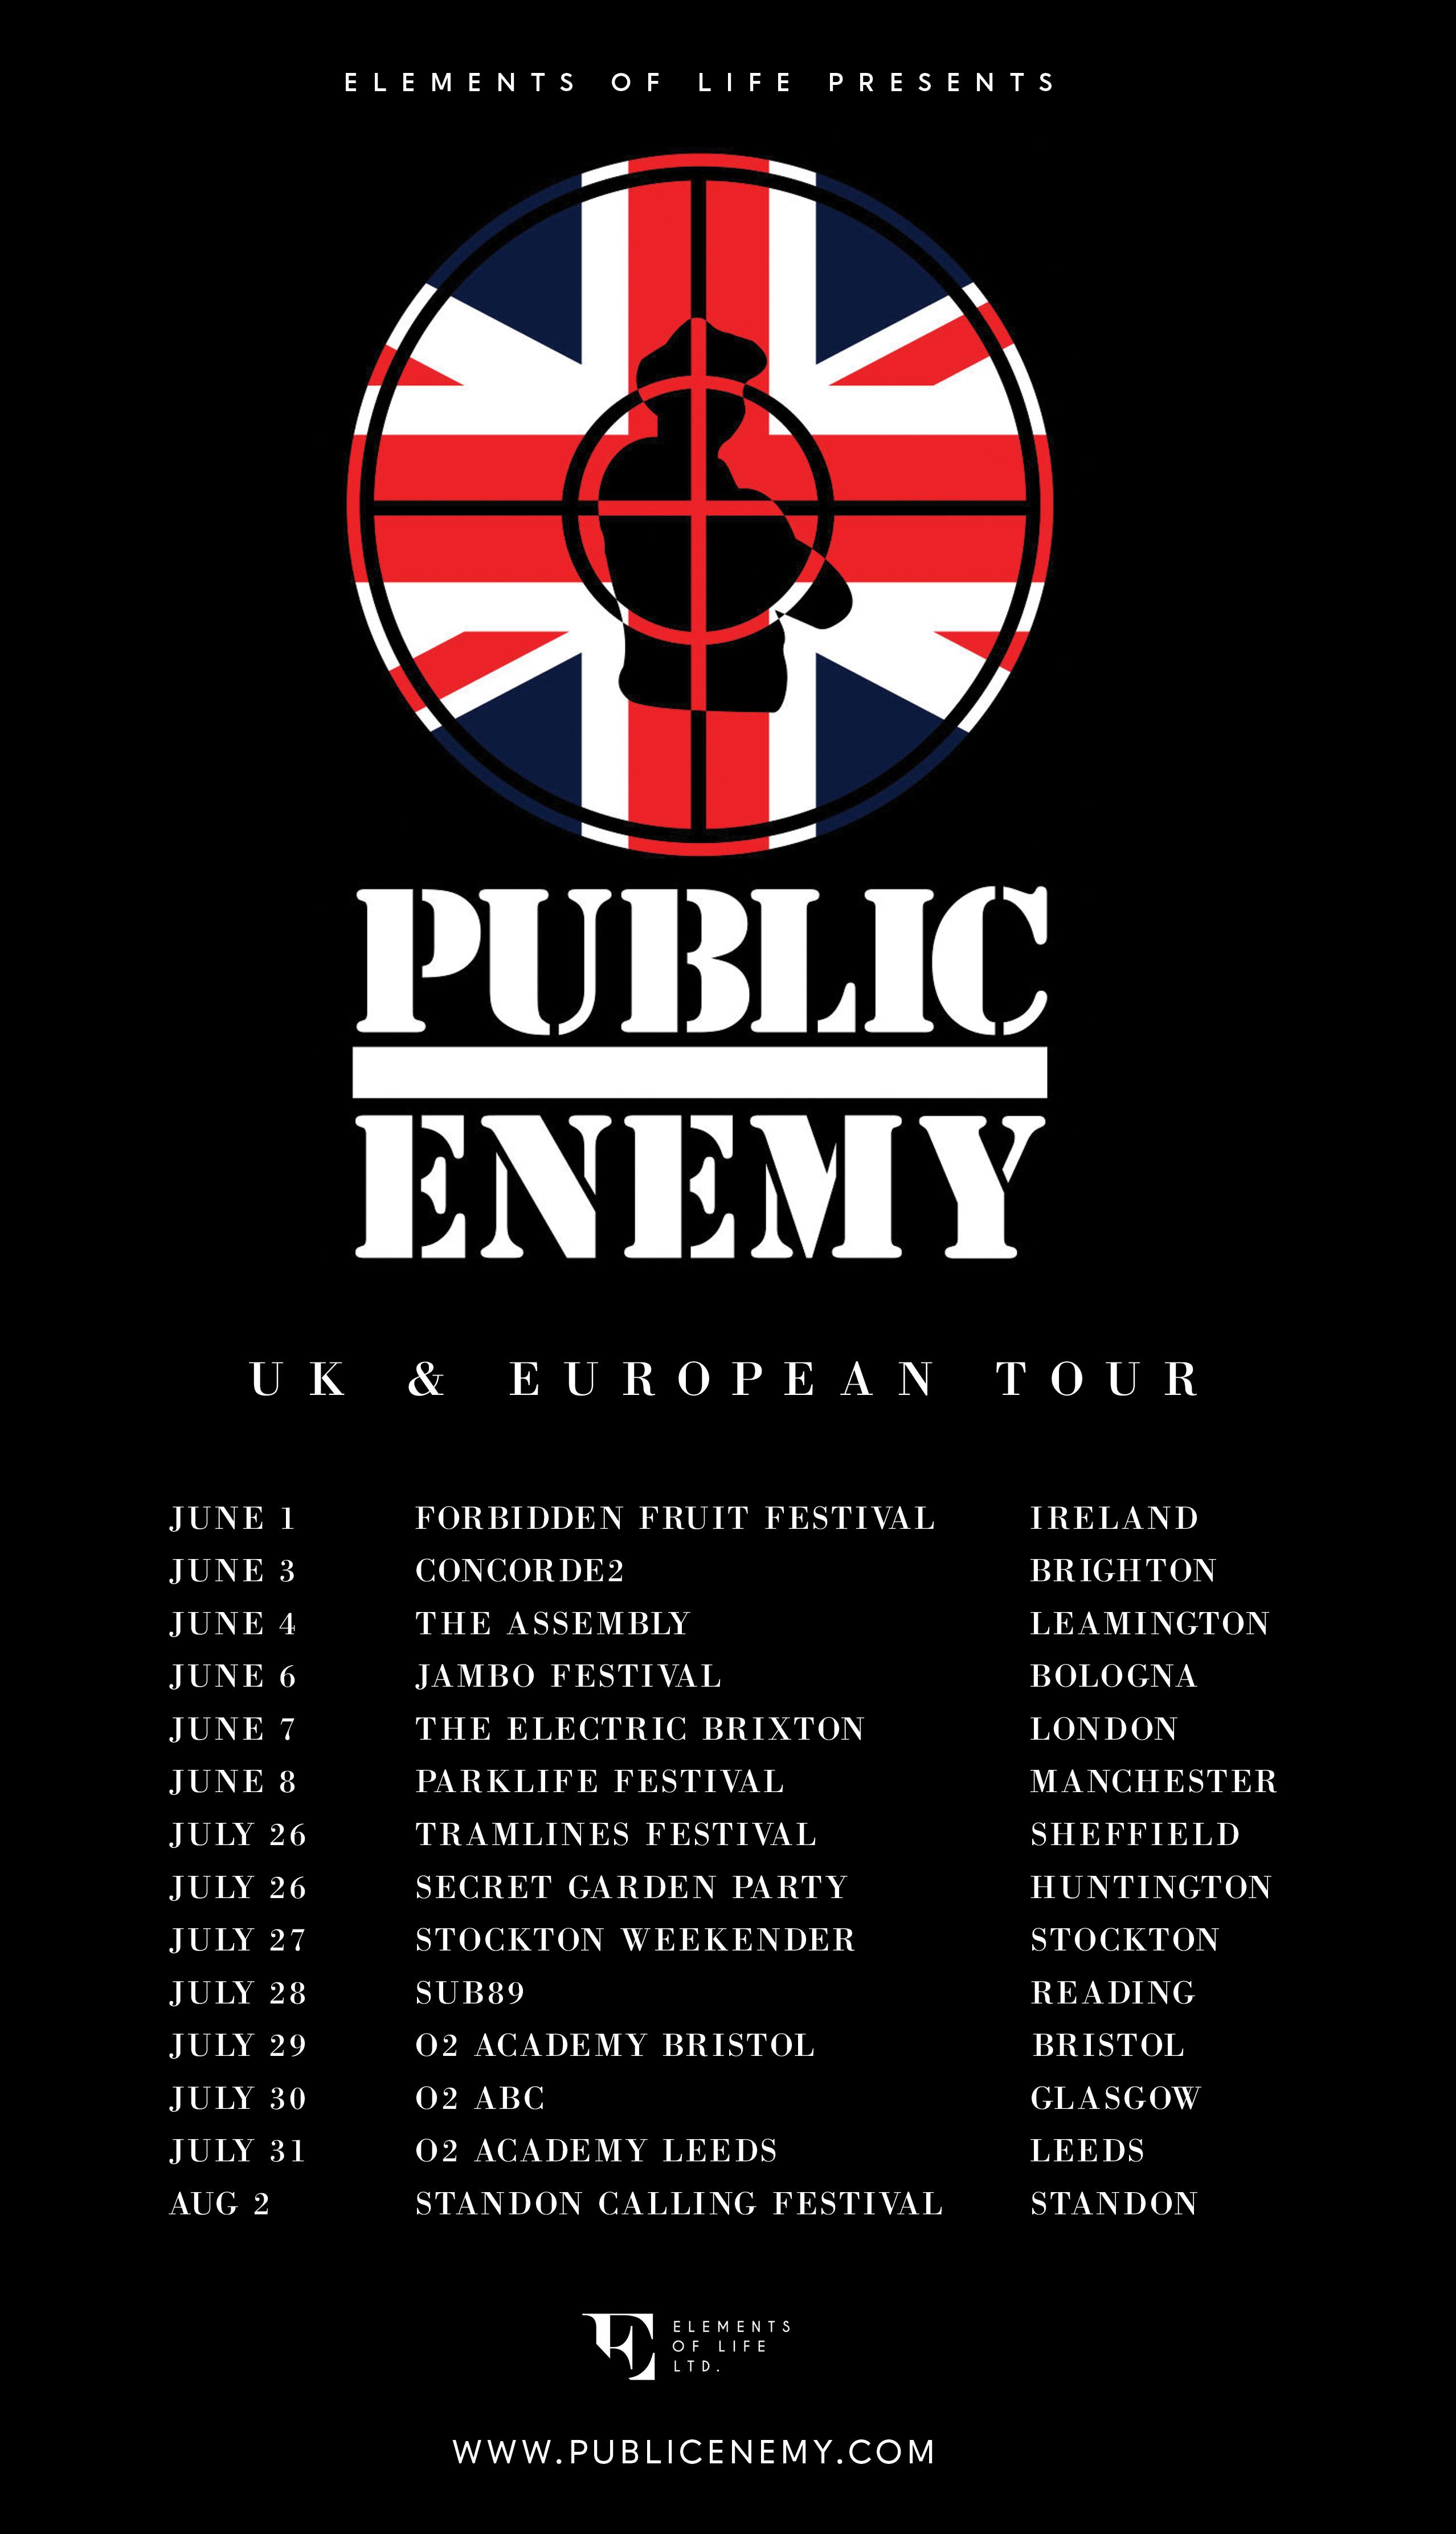 Public Enemy 2014 European Tour